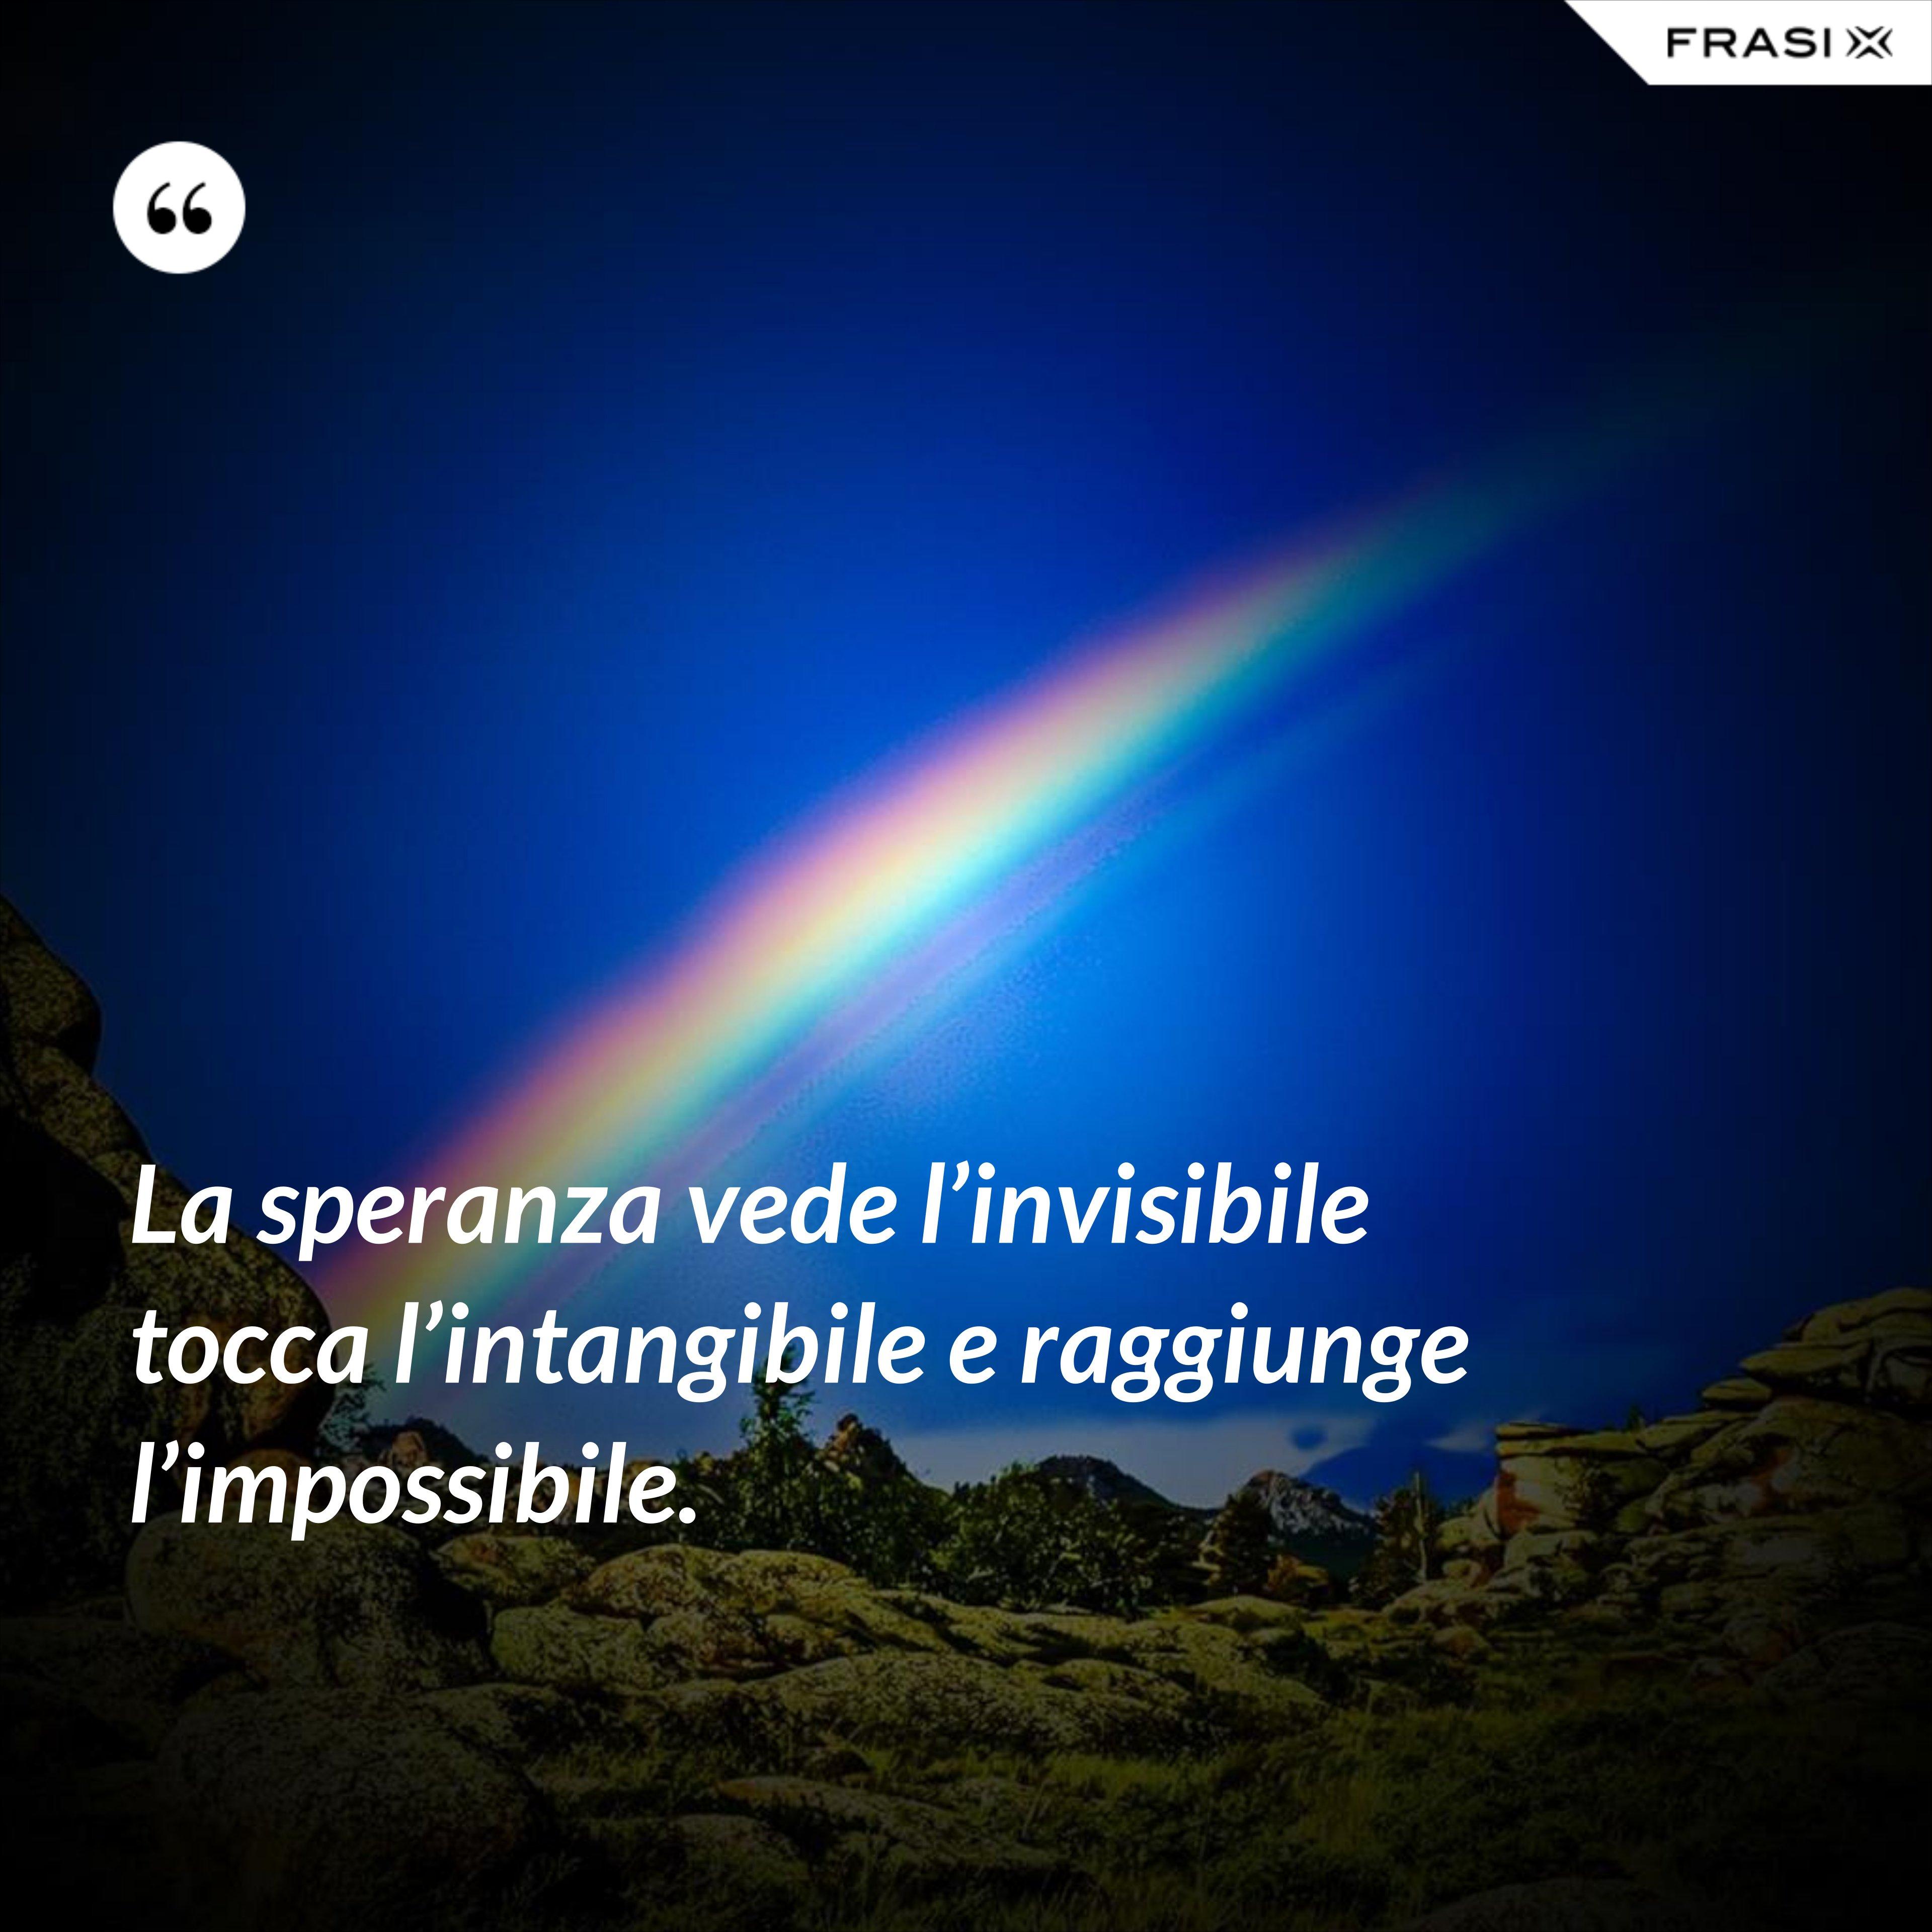 La speranza vede l'invisibile tocca l'intangibile e raggiunge l'impossibile. - Anonimo